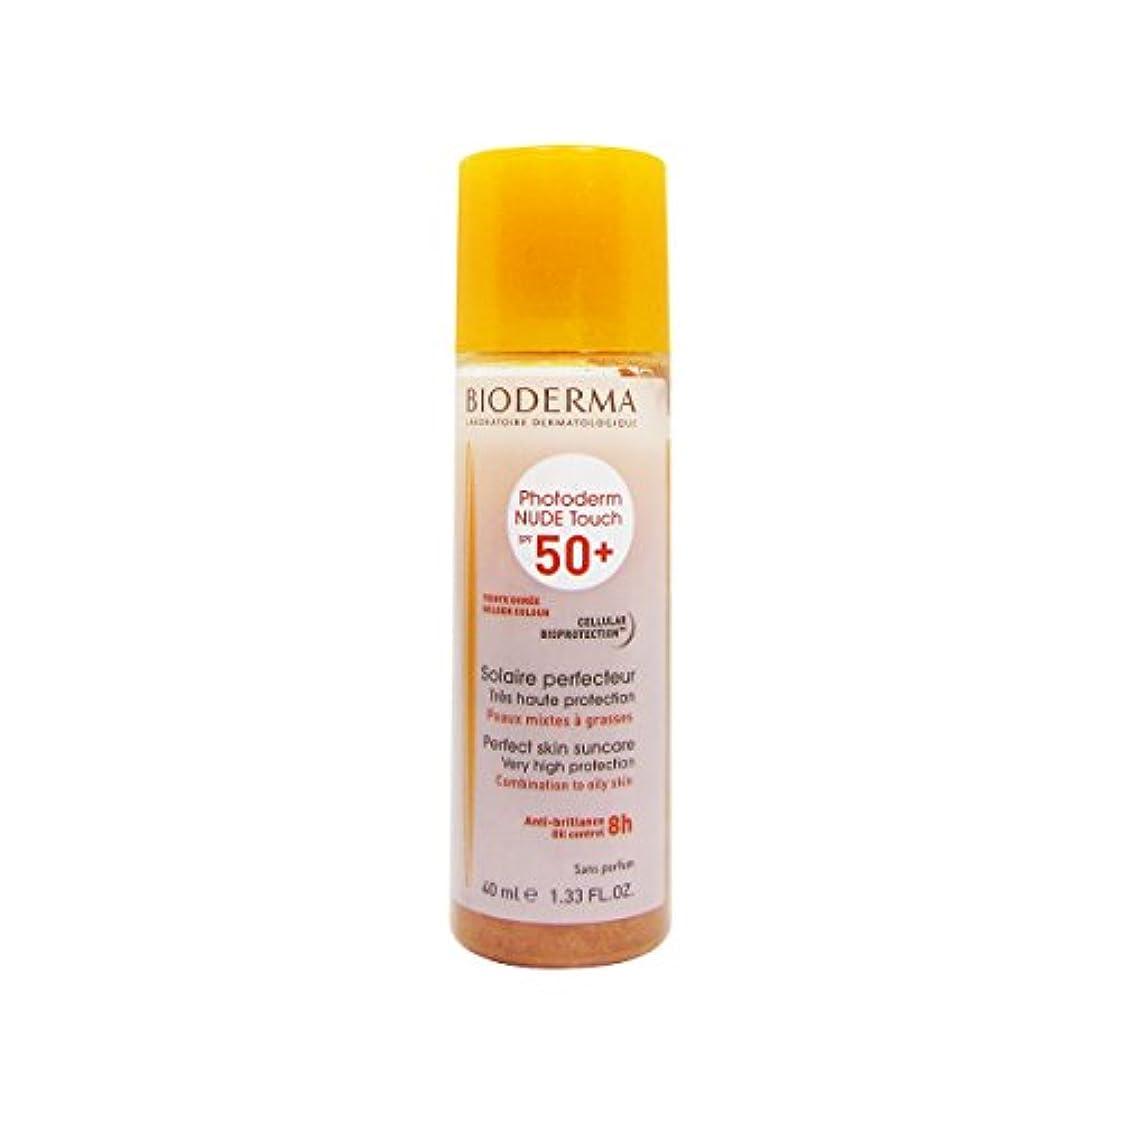 資本主義散歩治安判事Bioderma Photoderm Nude Touch Spf50 + Golden 40ml [並行輸入品]